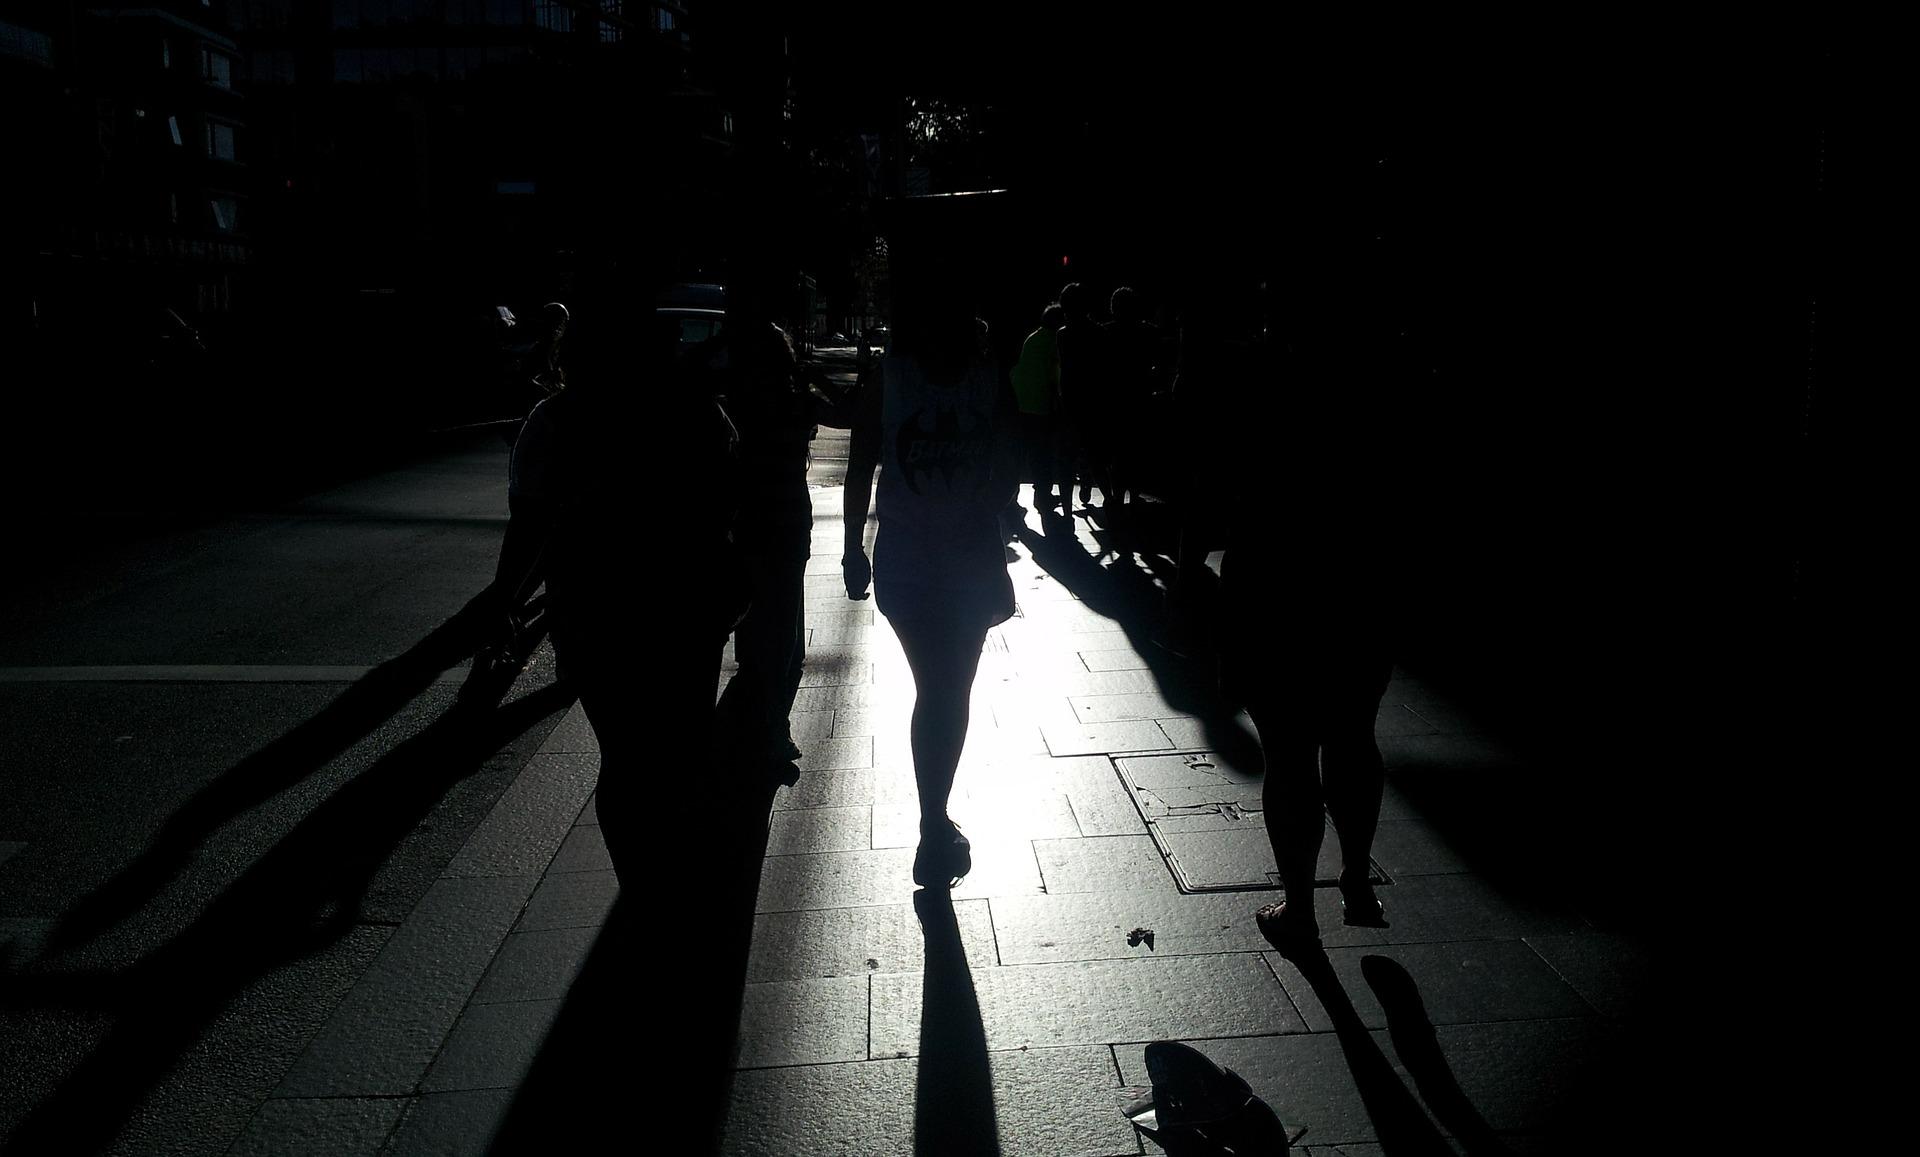 שוורצמן יוצא להליכה לילית, צילום אילוסטרציה